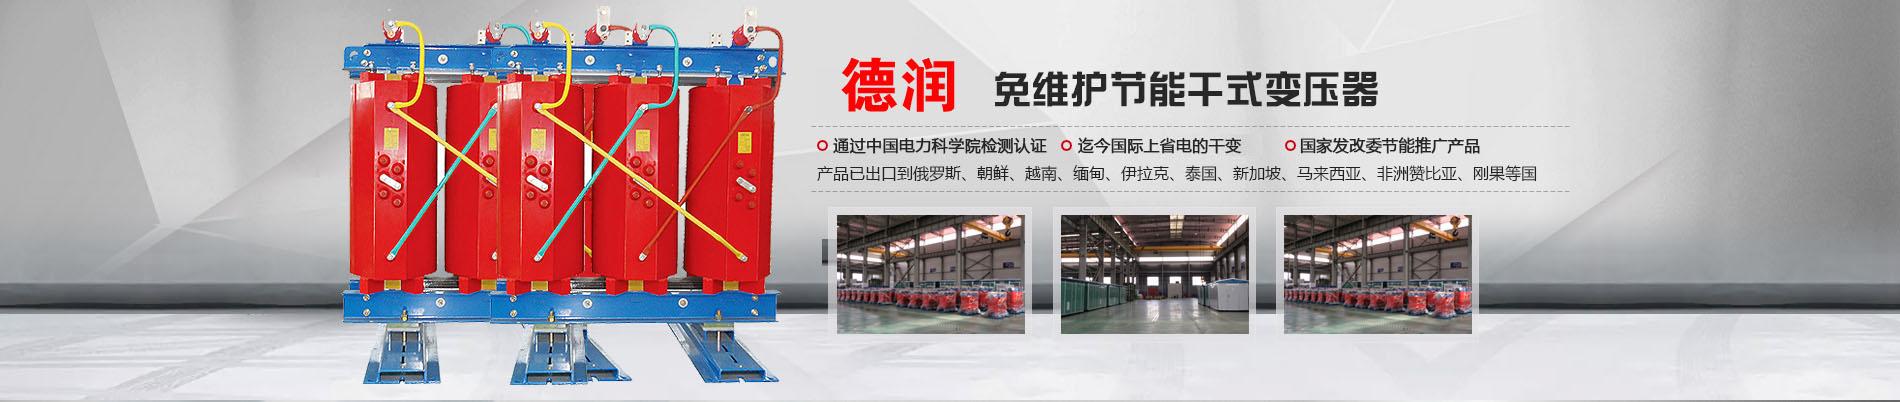 衢州干式变压器厂家